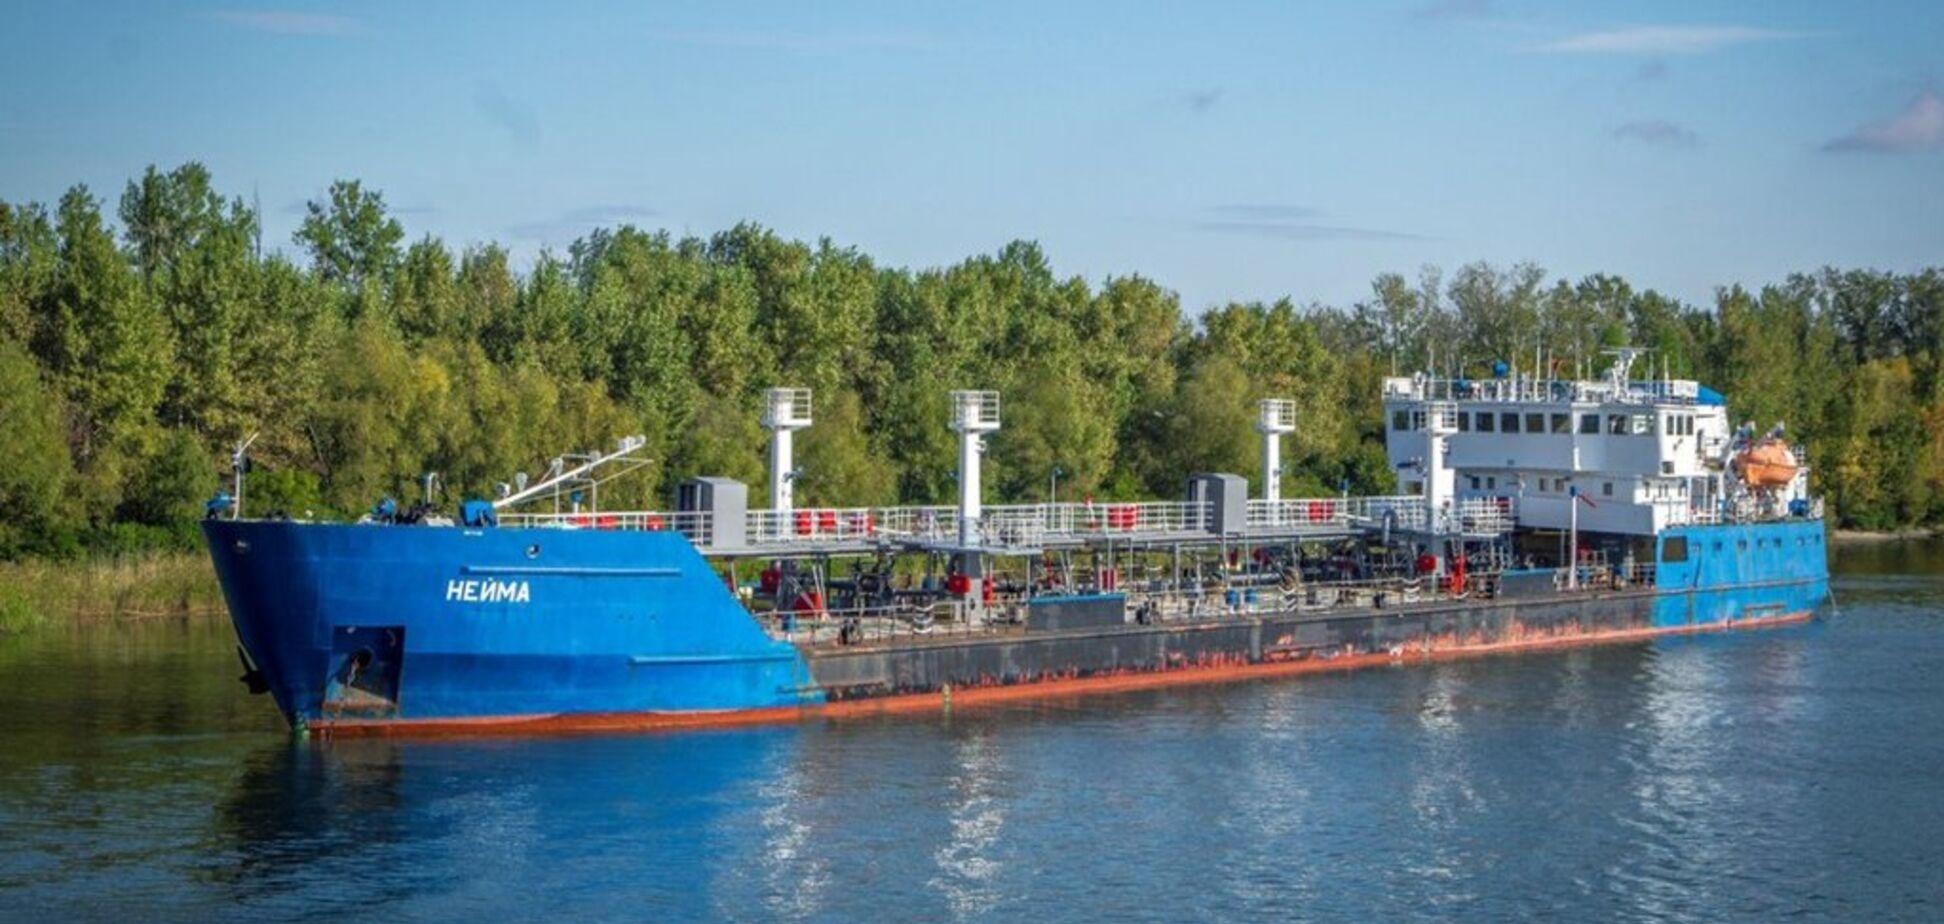 'Потрібно готуватися': генерал дав прогноз по військовій відповіді Кремля на затримання танкера